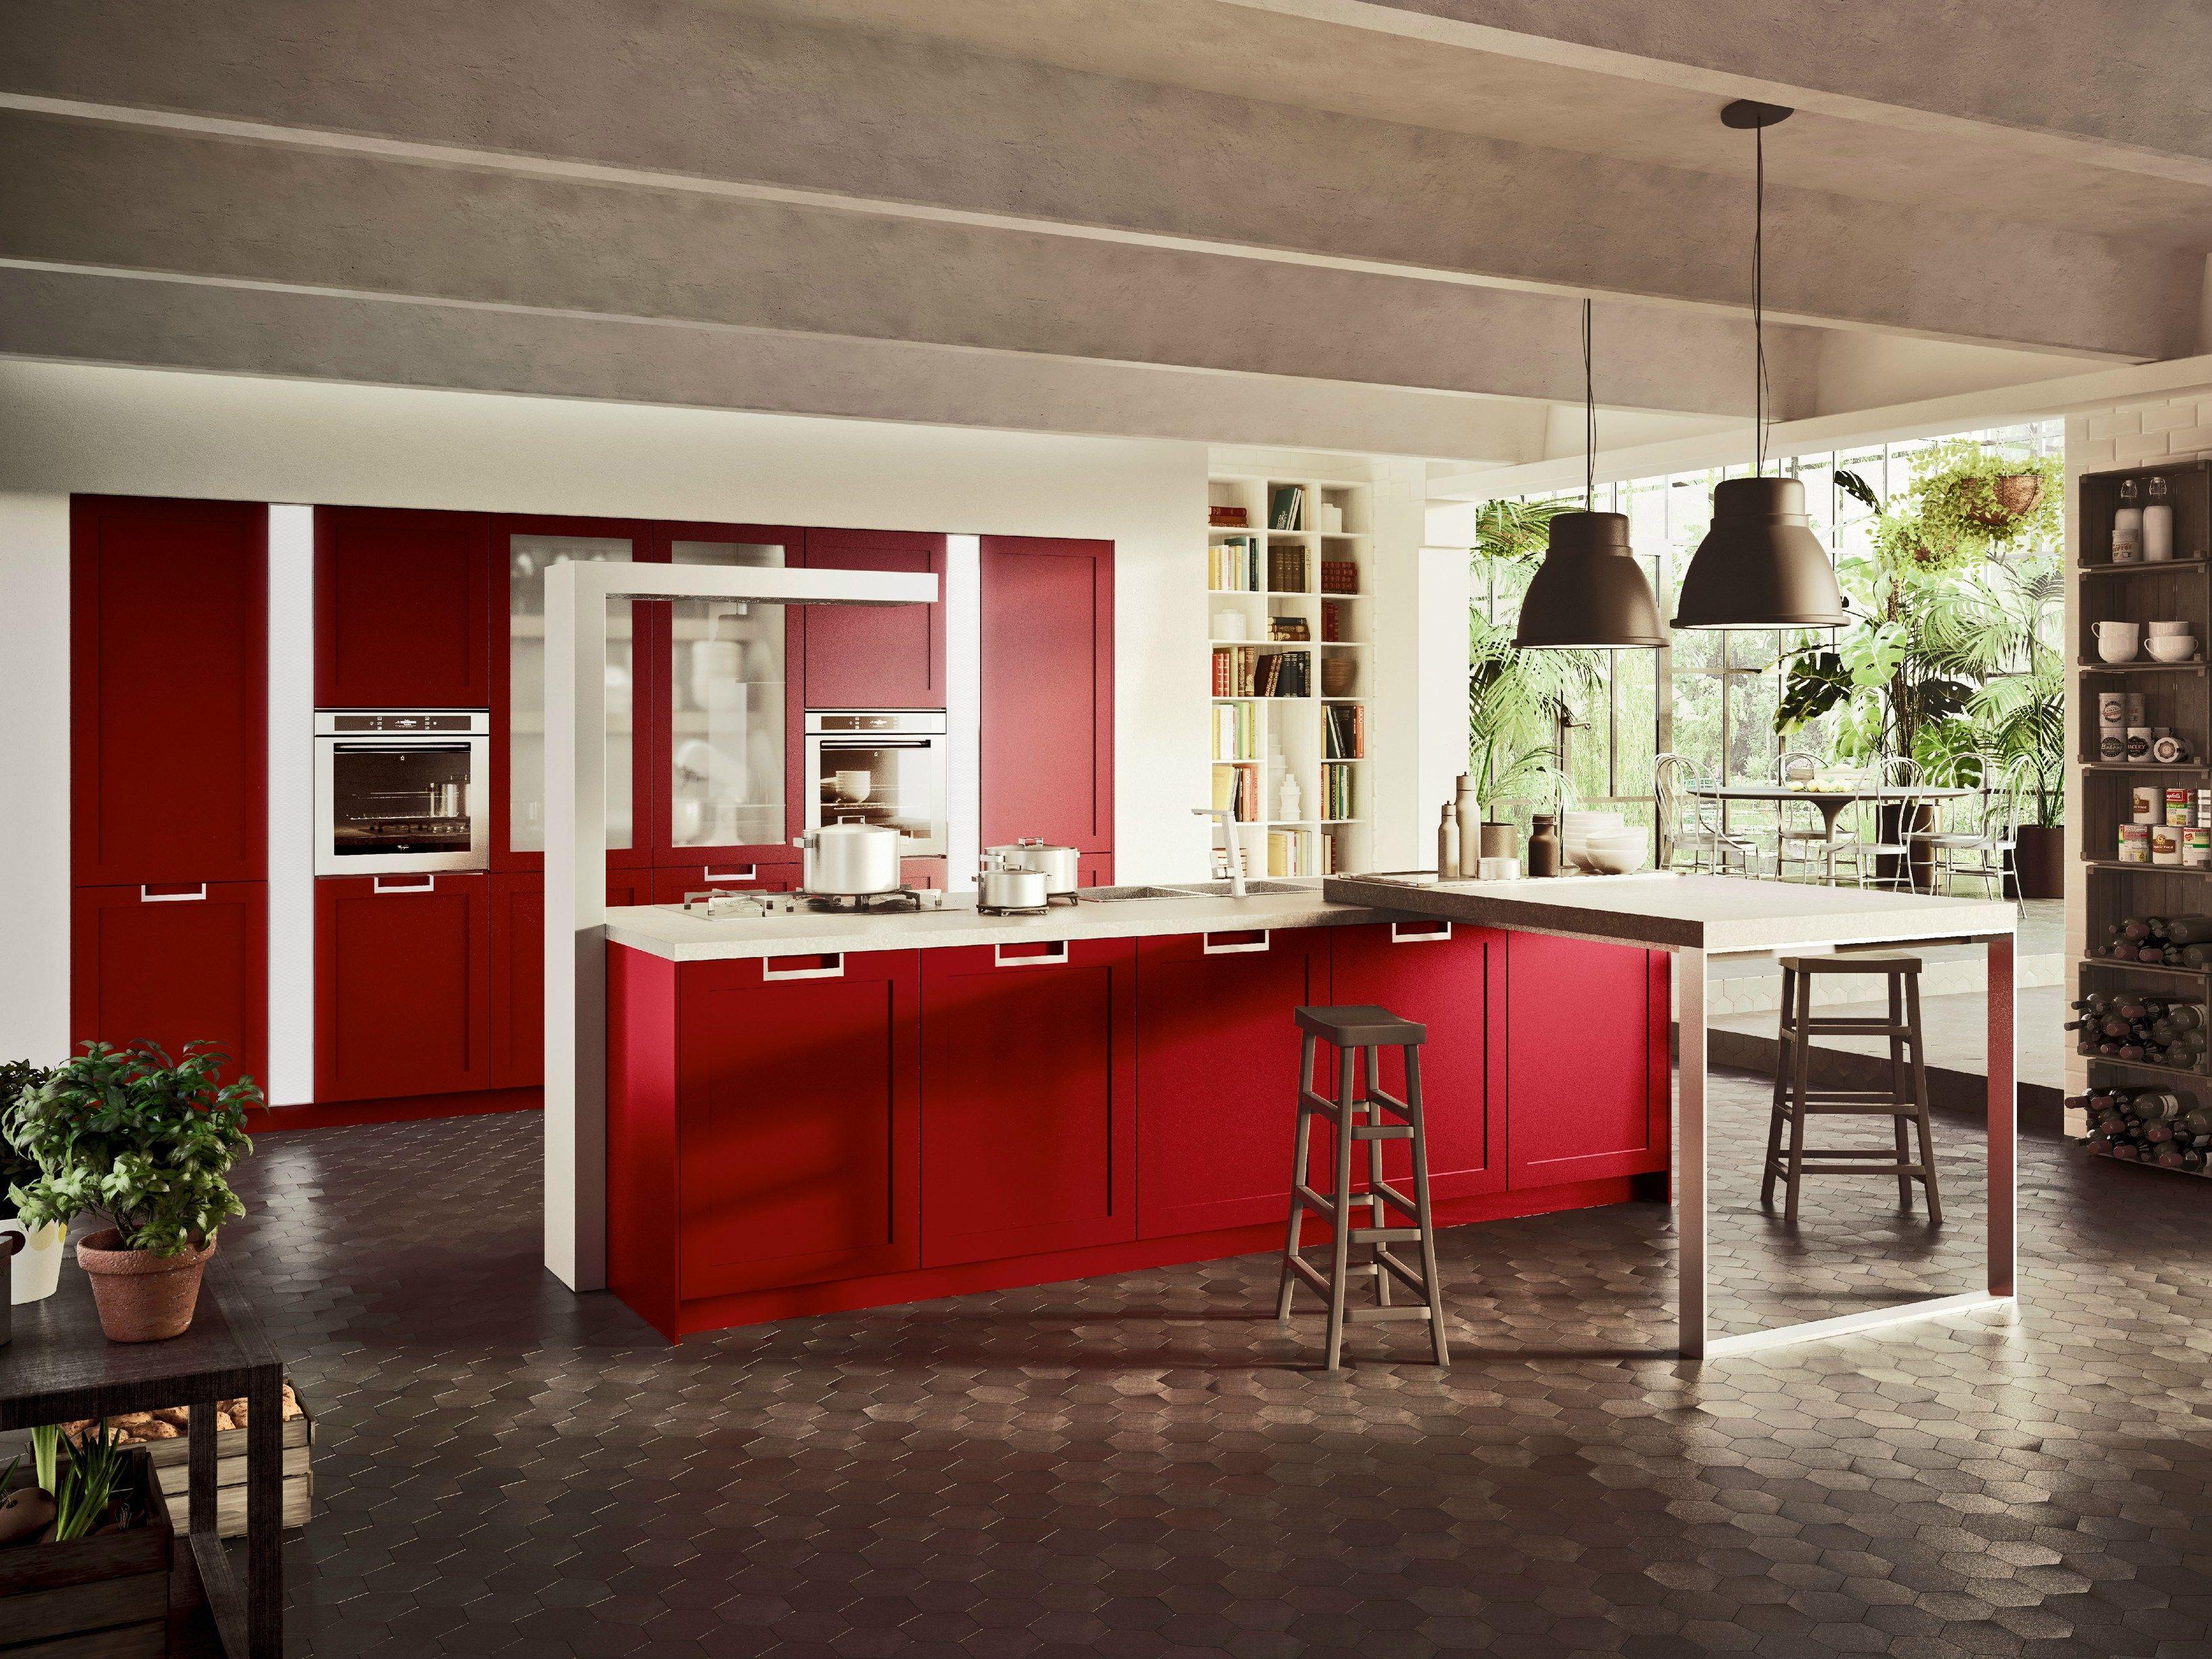 Cucina Grigia Colore Pareti : Cucina rovere grigio colore pareti ...